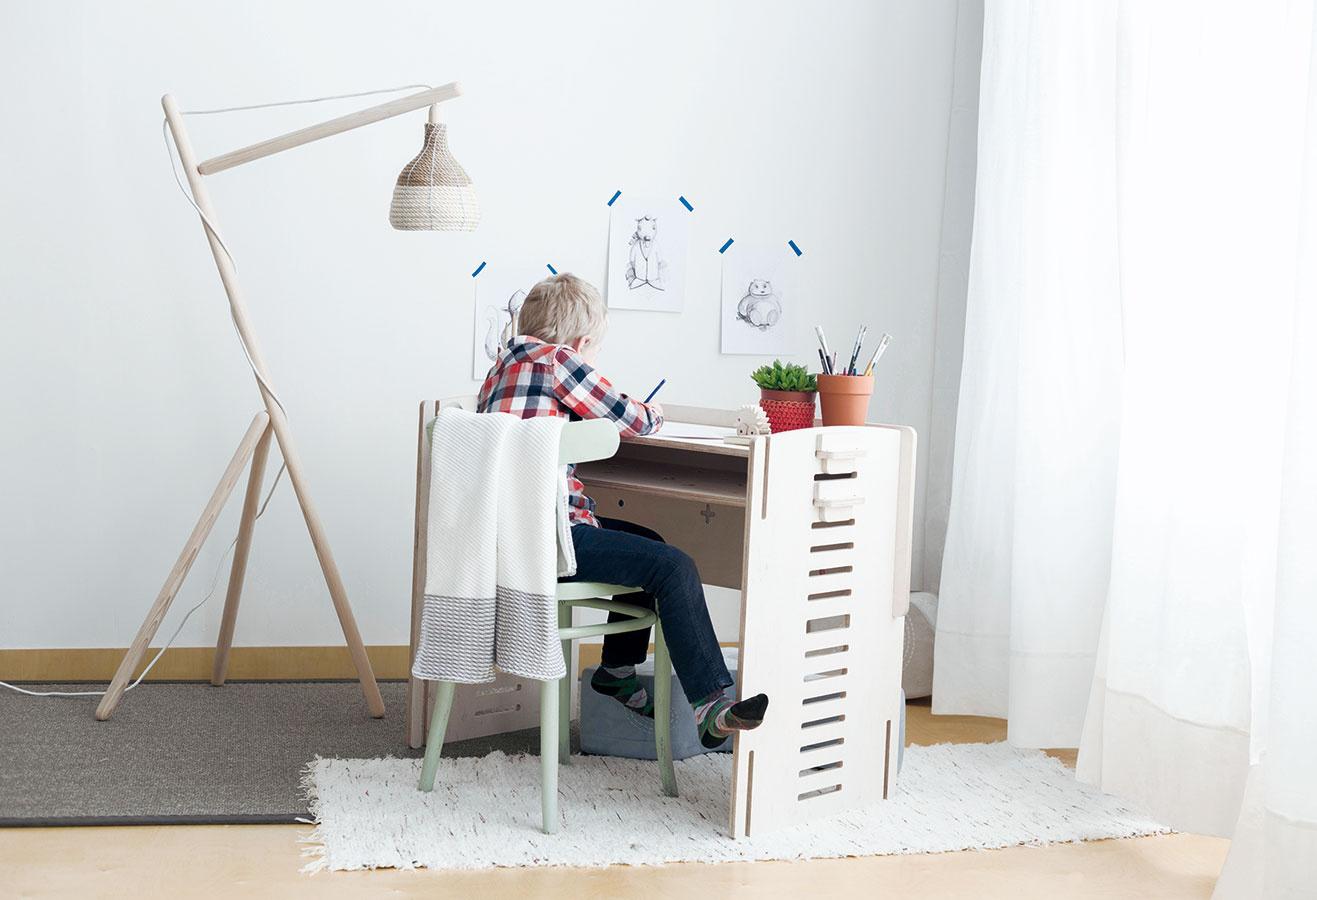 Spoločník na detské časy. Multifunkčný KUKO z brezovej preglejky je nový prírastok v kolekcii nábytku slovenskej značky Villo Design – možno z neho vyskladať kolísku alebo detskú postieľku s rozmermi 90 × 40 cm, ktorá sa dá pripojiť k manželskej posteli. Keď dieťa odrastie, poslúži ako stolík, lavička alebo malá knižnica. Objednávajte na www.villo.in.